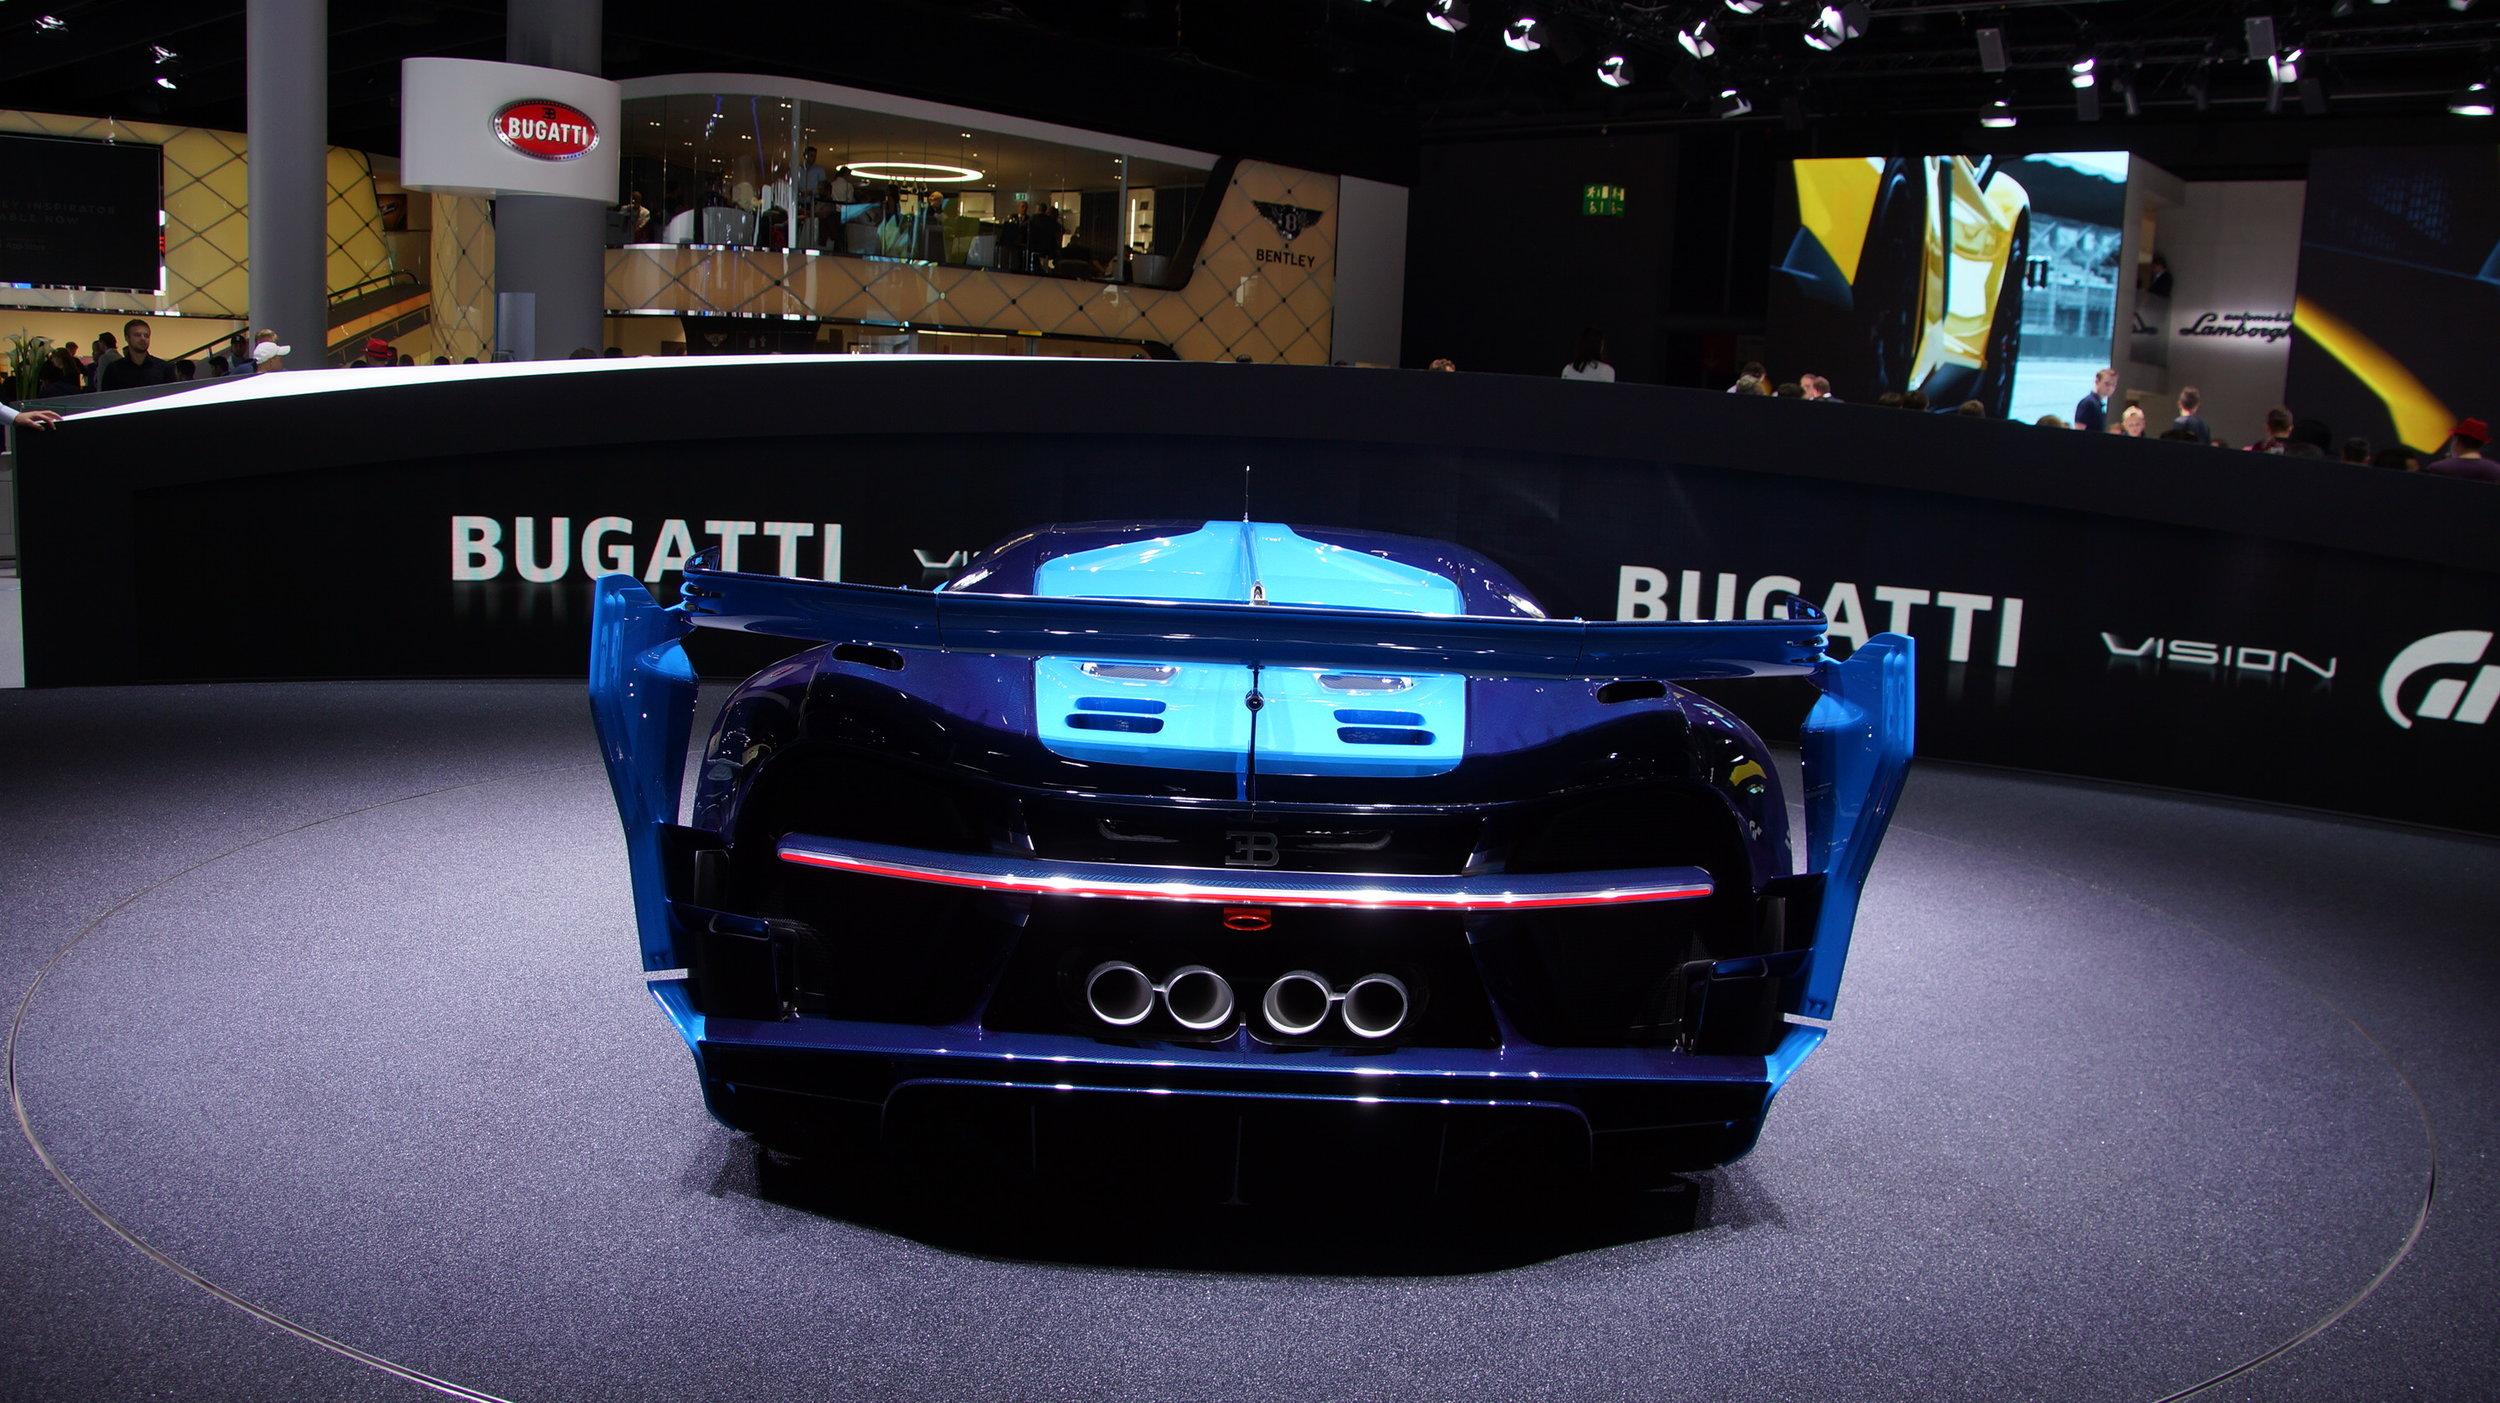 Bugatti_Vision_auf_der_IAA_2015